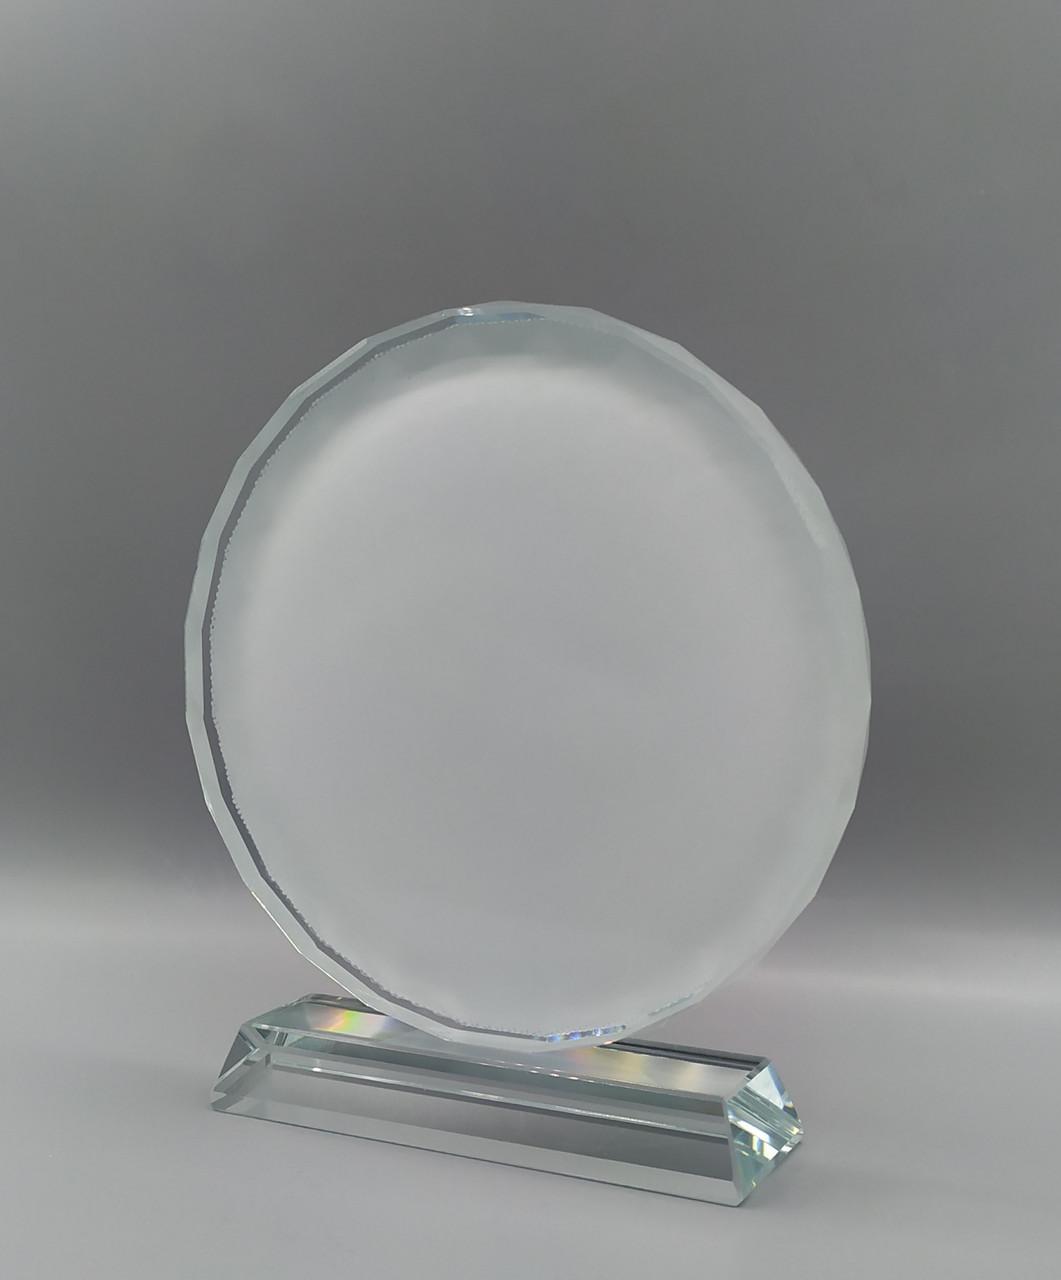 Фотокристалл для сублимации (BSJ 03b),размер - 95*95*15мм